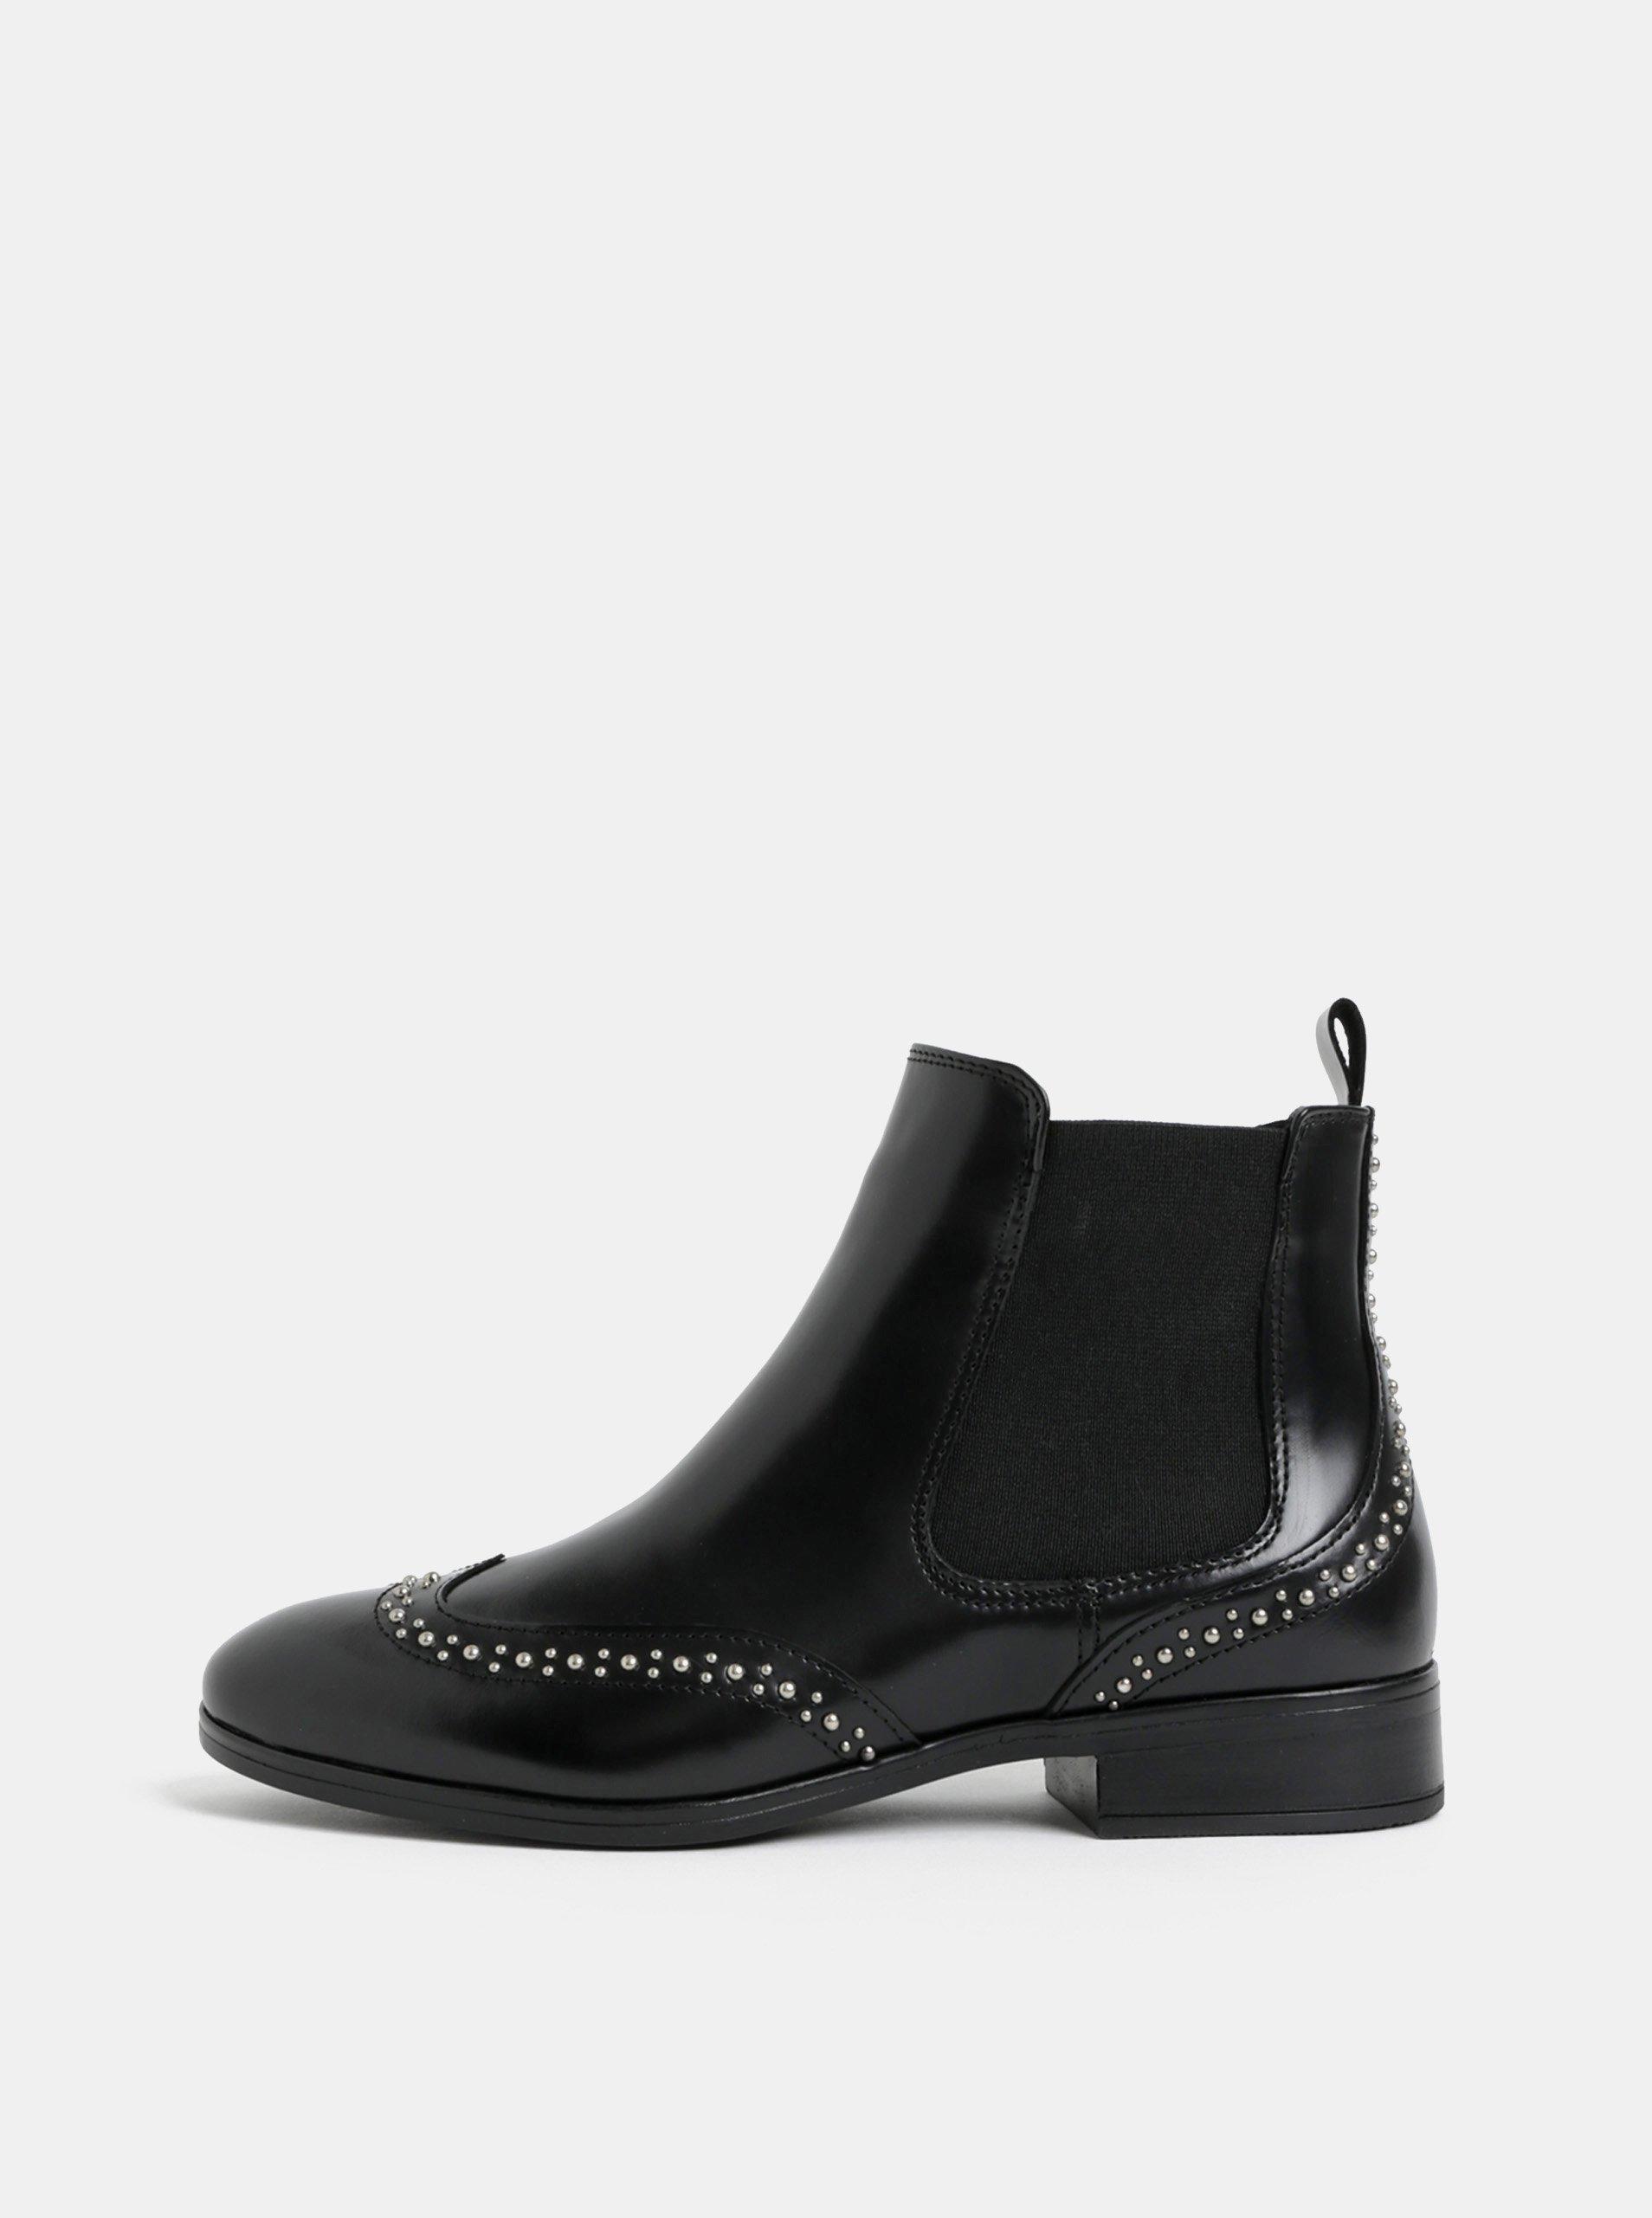 Černé dámské kožené chelsea boty s kovovou aplikací ALDO 0fe6c2216d